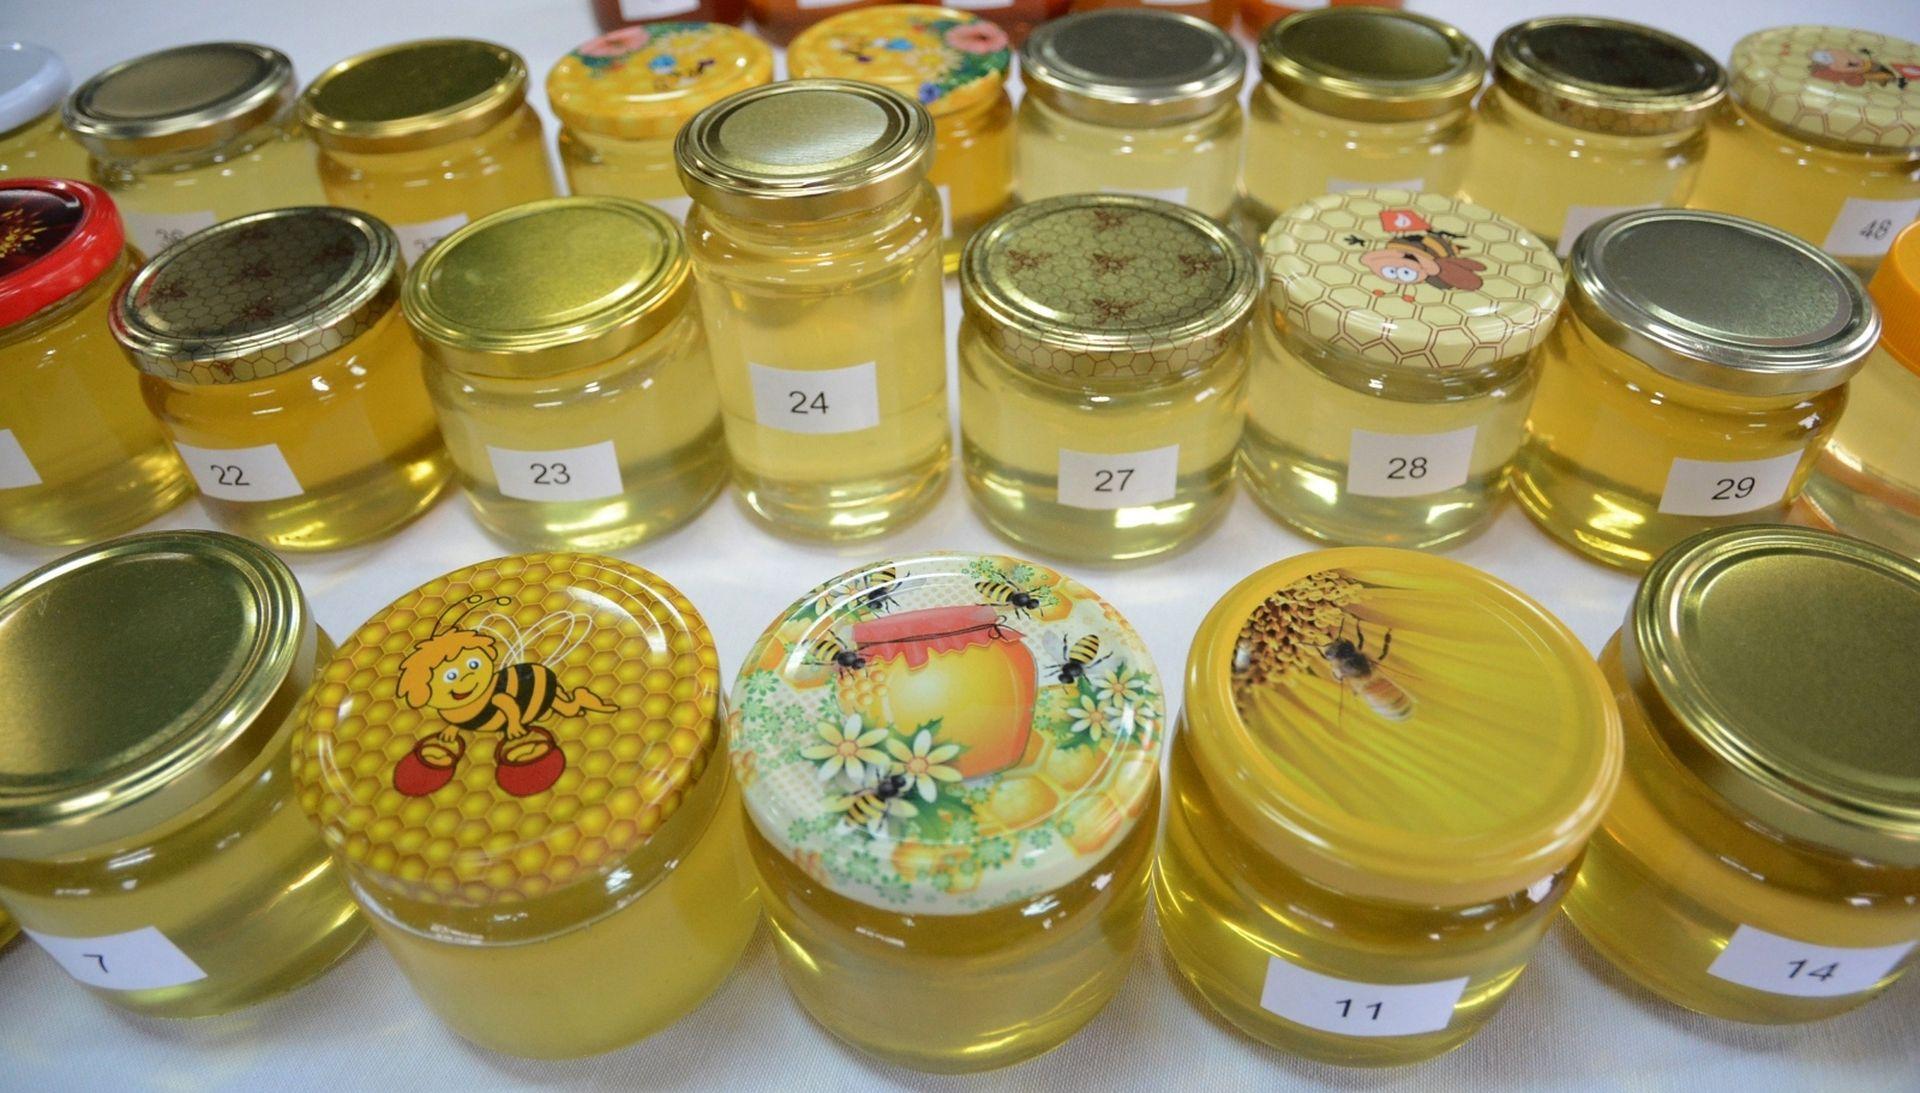 Na ocjenjivanju meda u Gudovcu 50 uzoraka, očekuje se visoka kakvoća